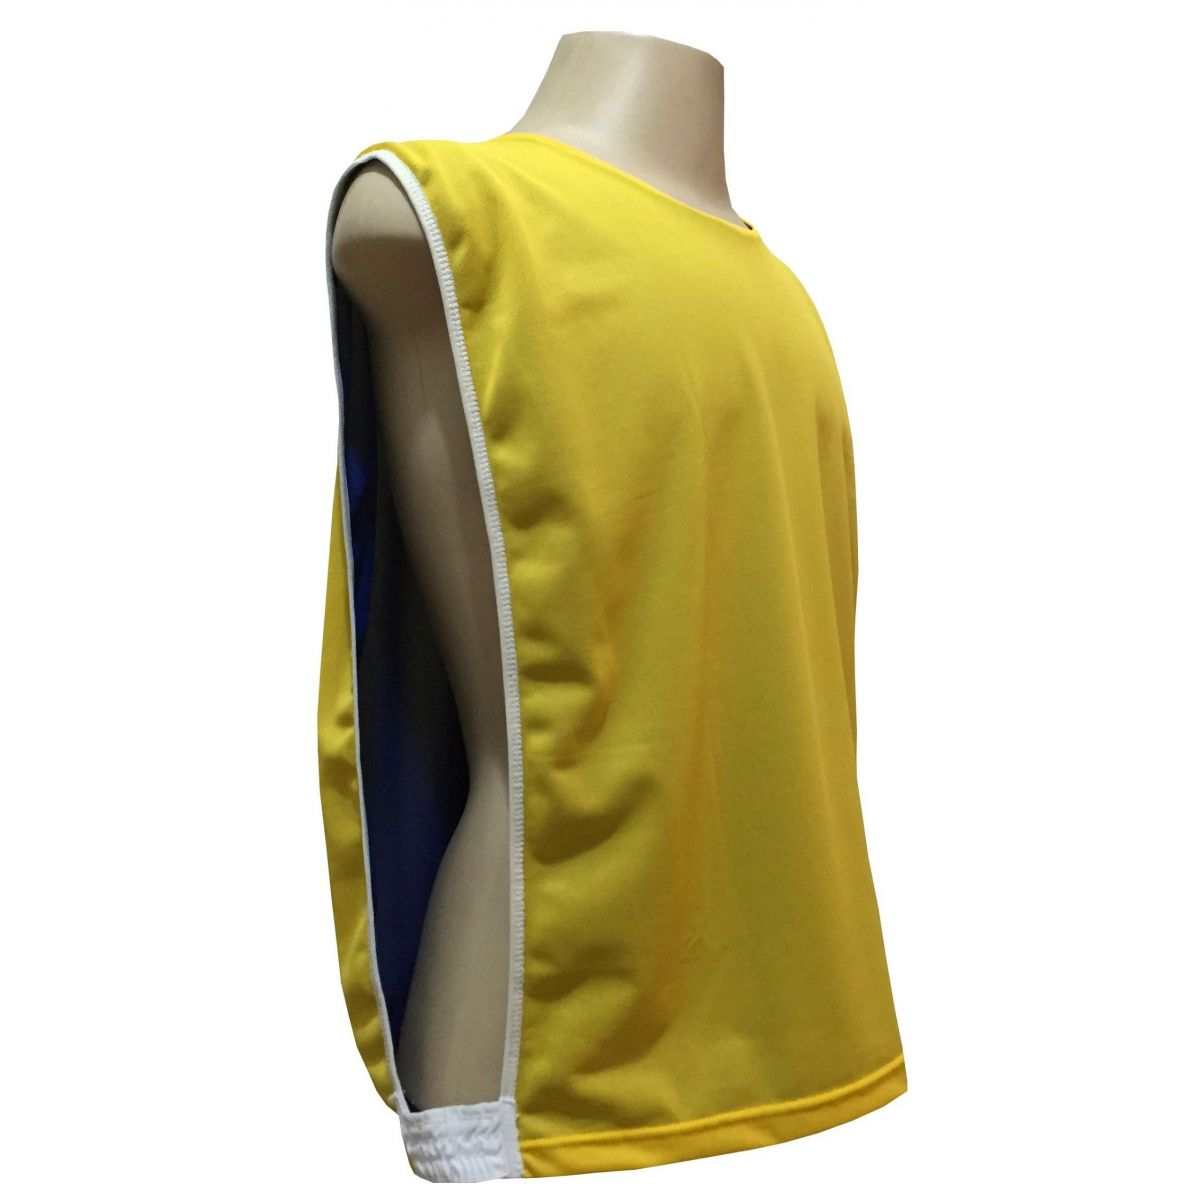 Jogo de Coletes Dupla Face 06 Unidades na cor Amarelo/Royal